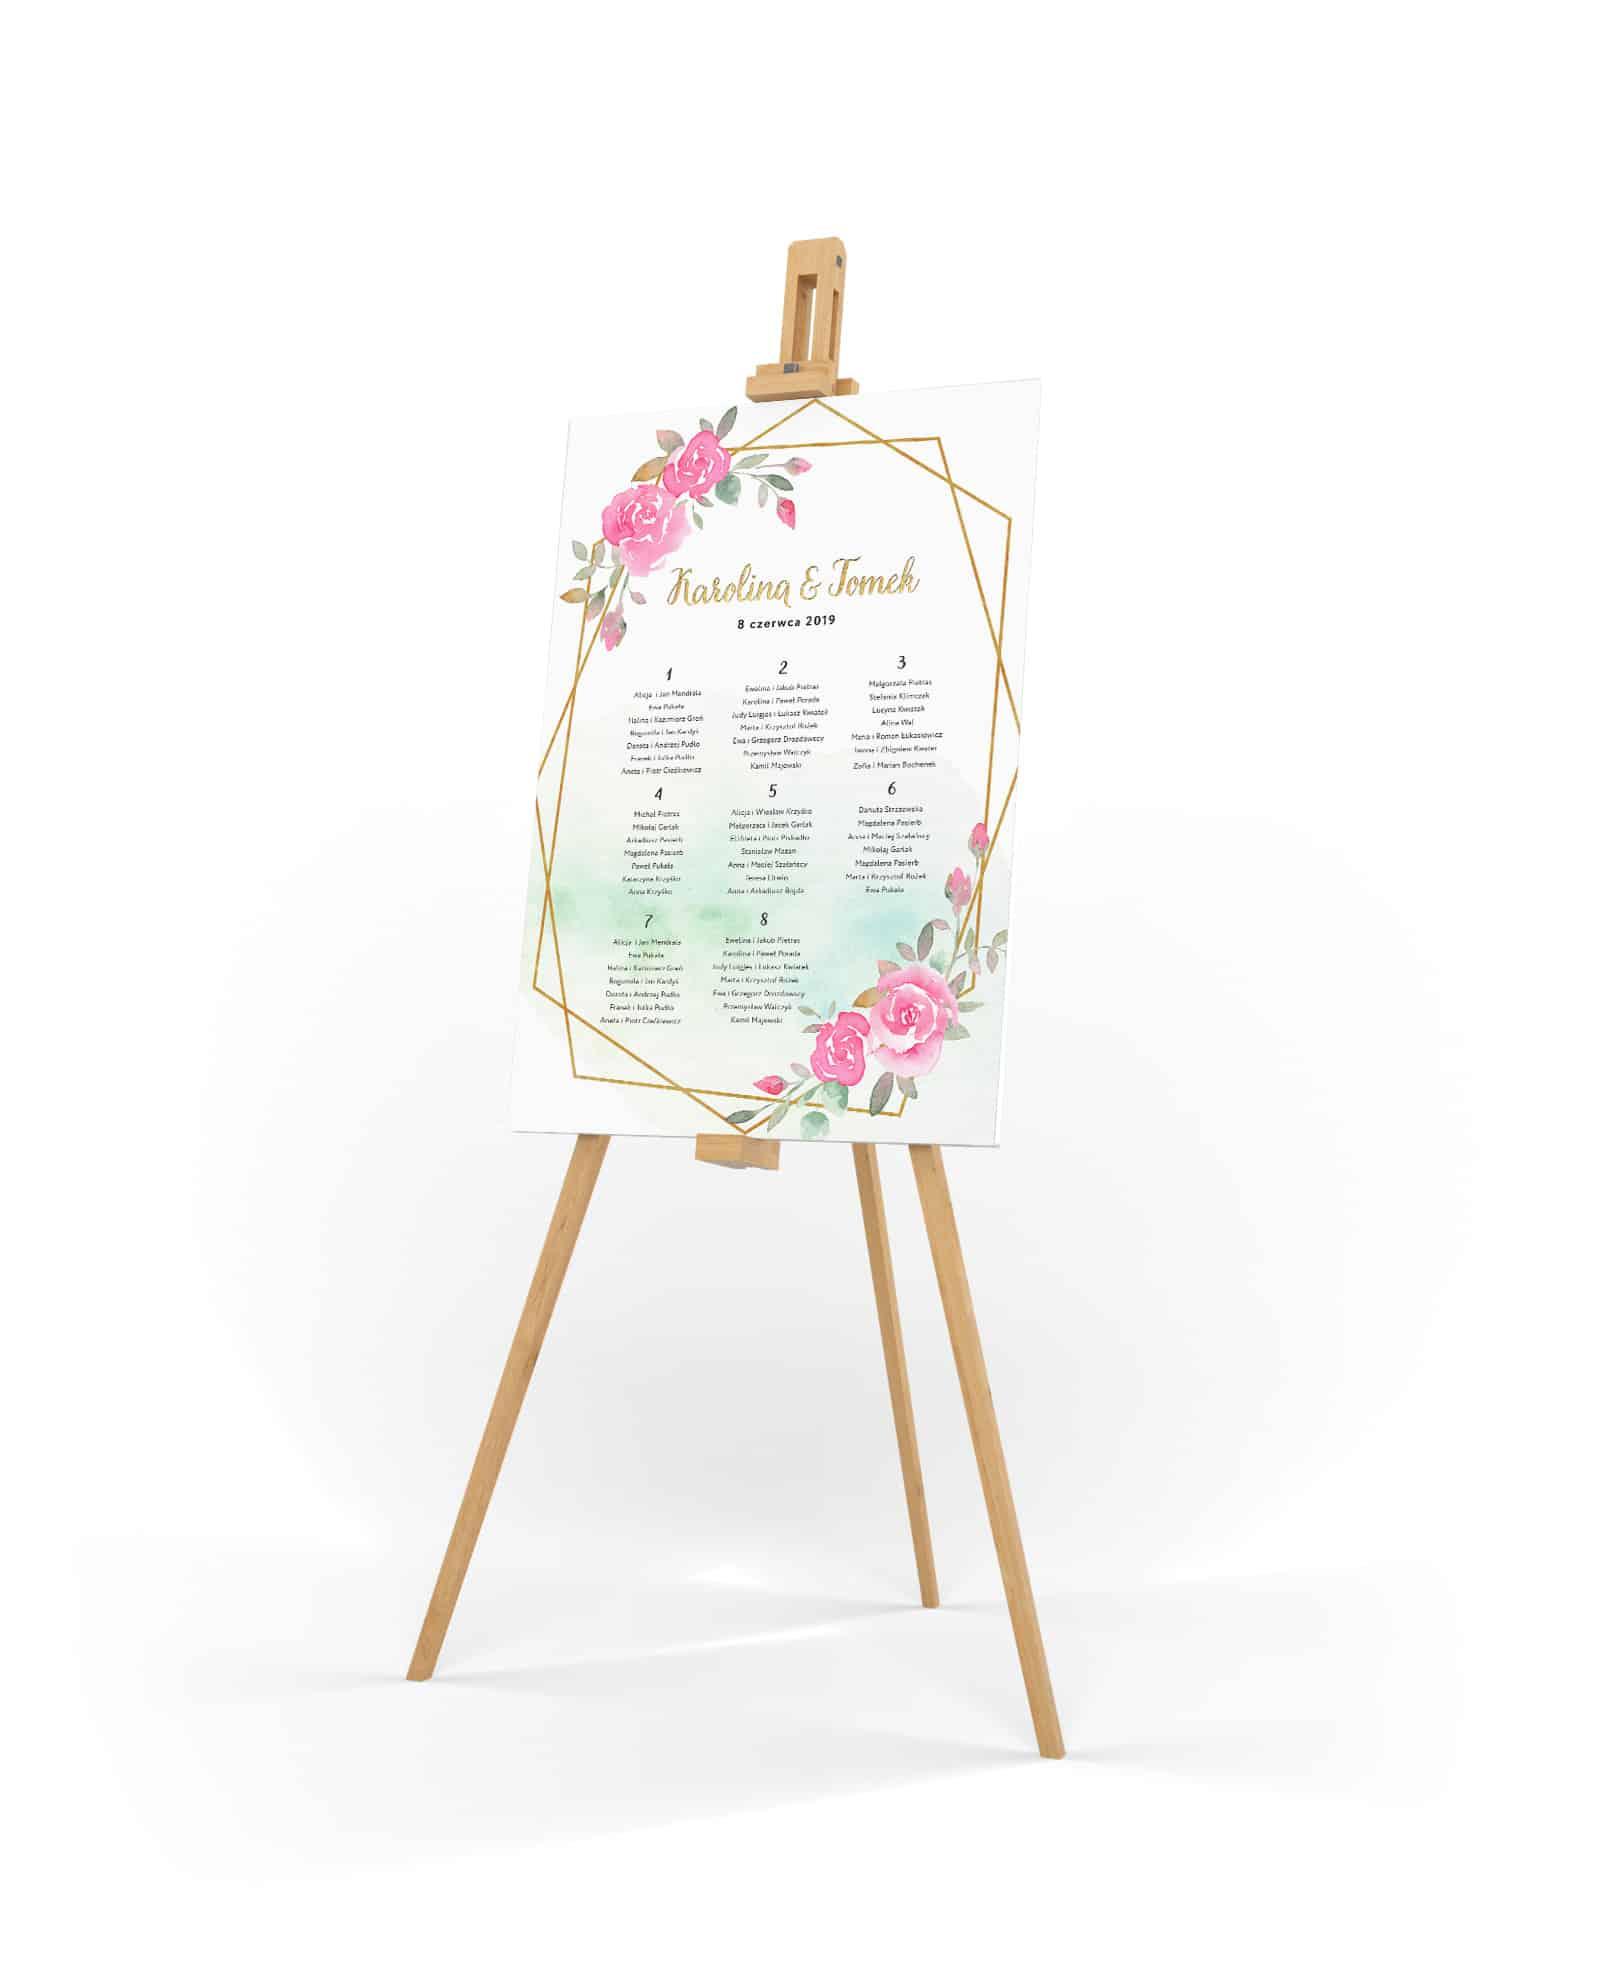 plan rozmieszczenia stołów na wesele z kwiatami róż i złotą ramką na miętowym tle